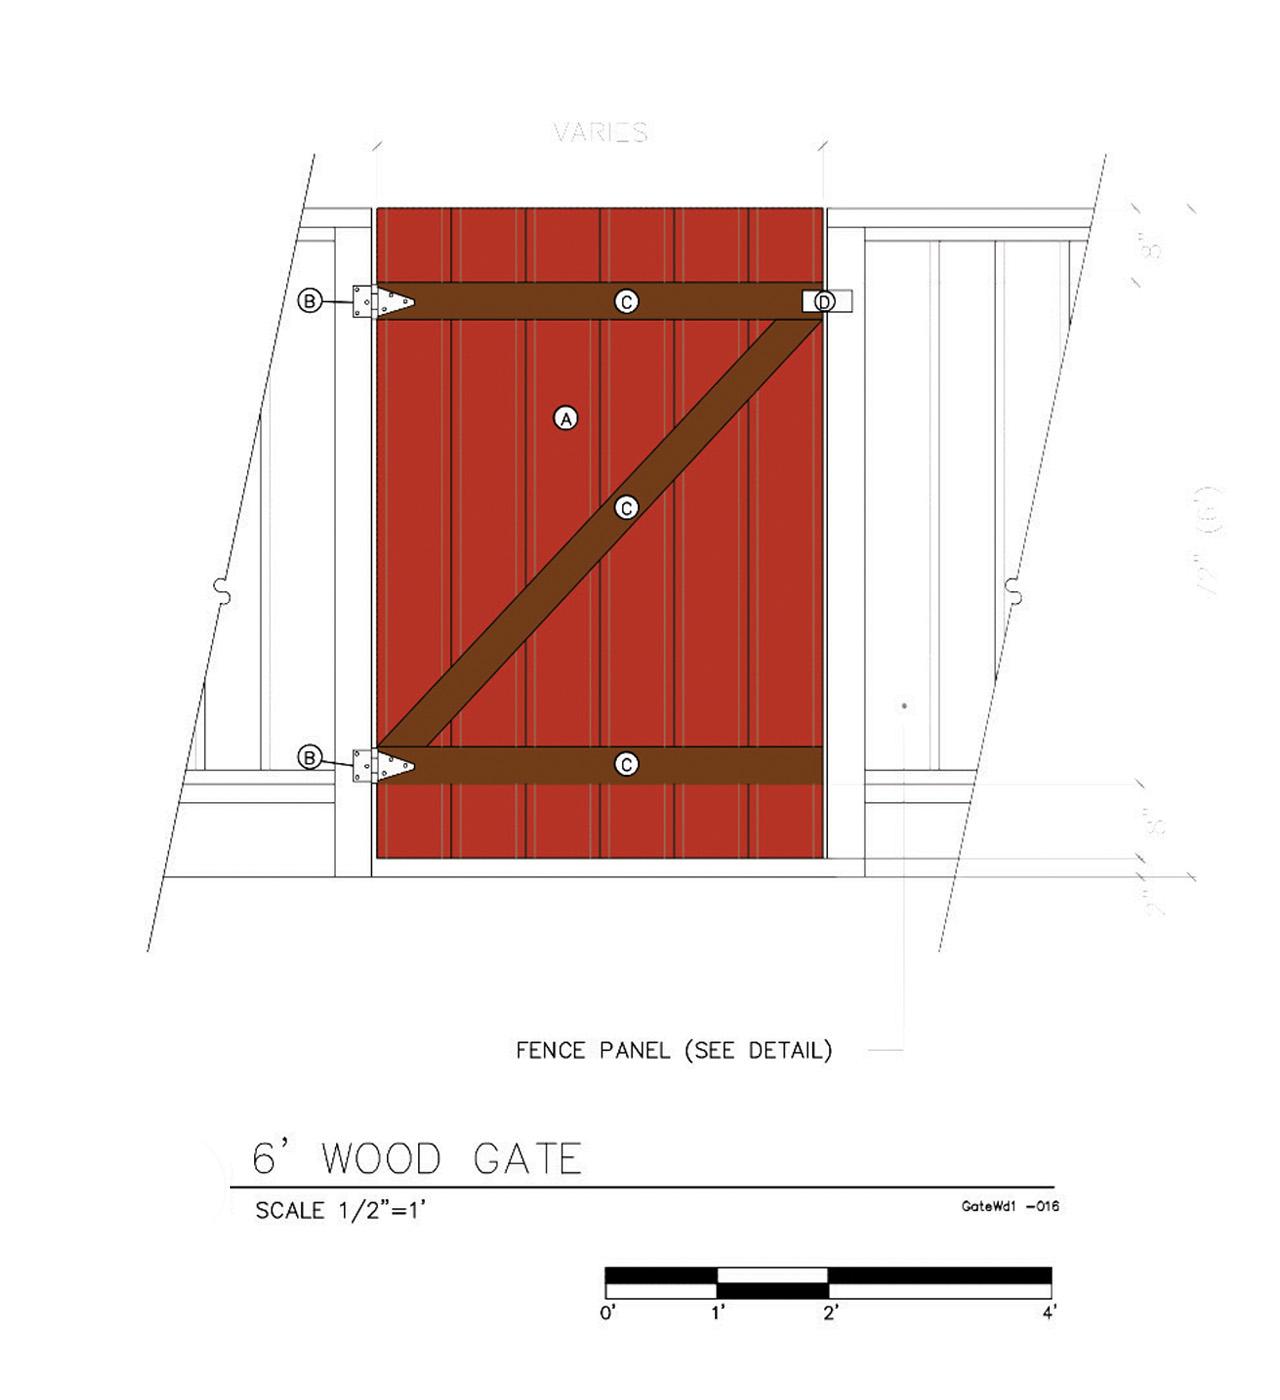 6' Wood Gate